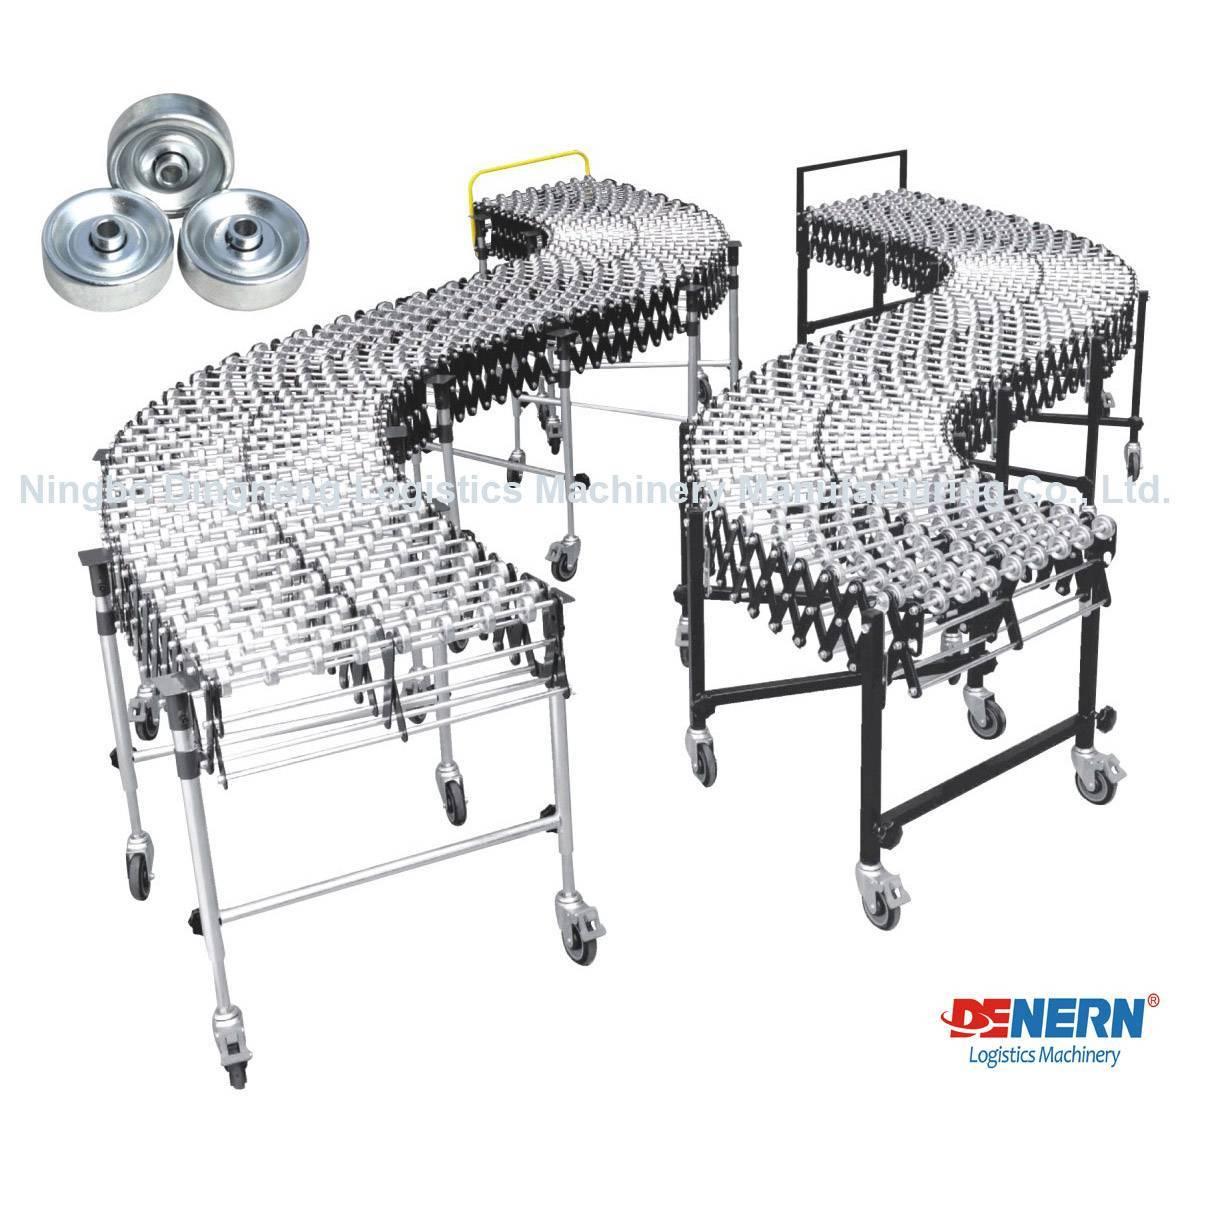 Flexible Metal Skate Wheel Conveyor